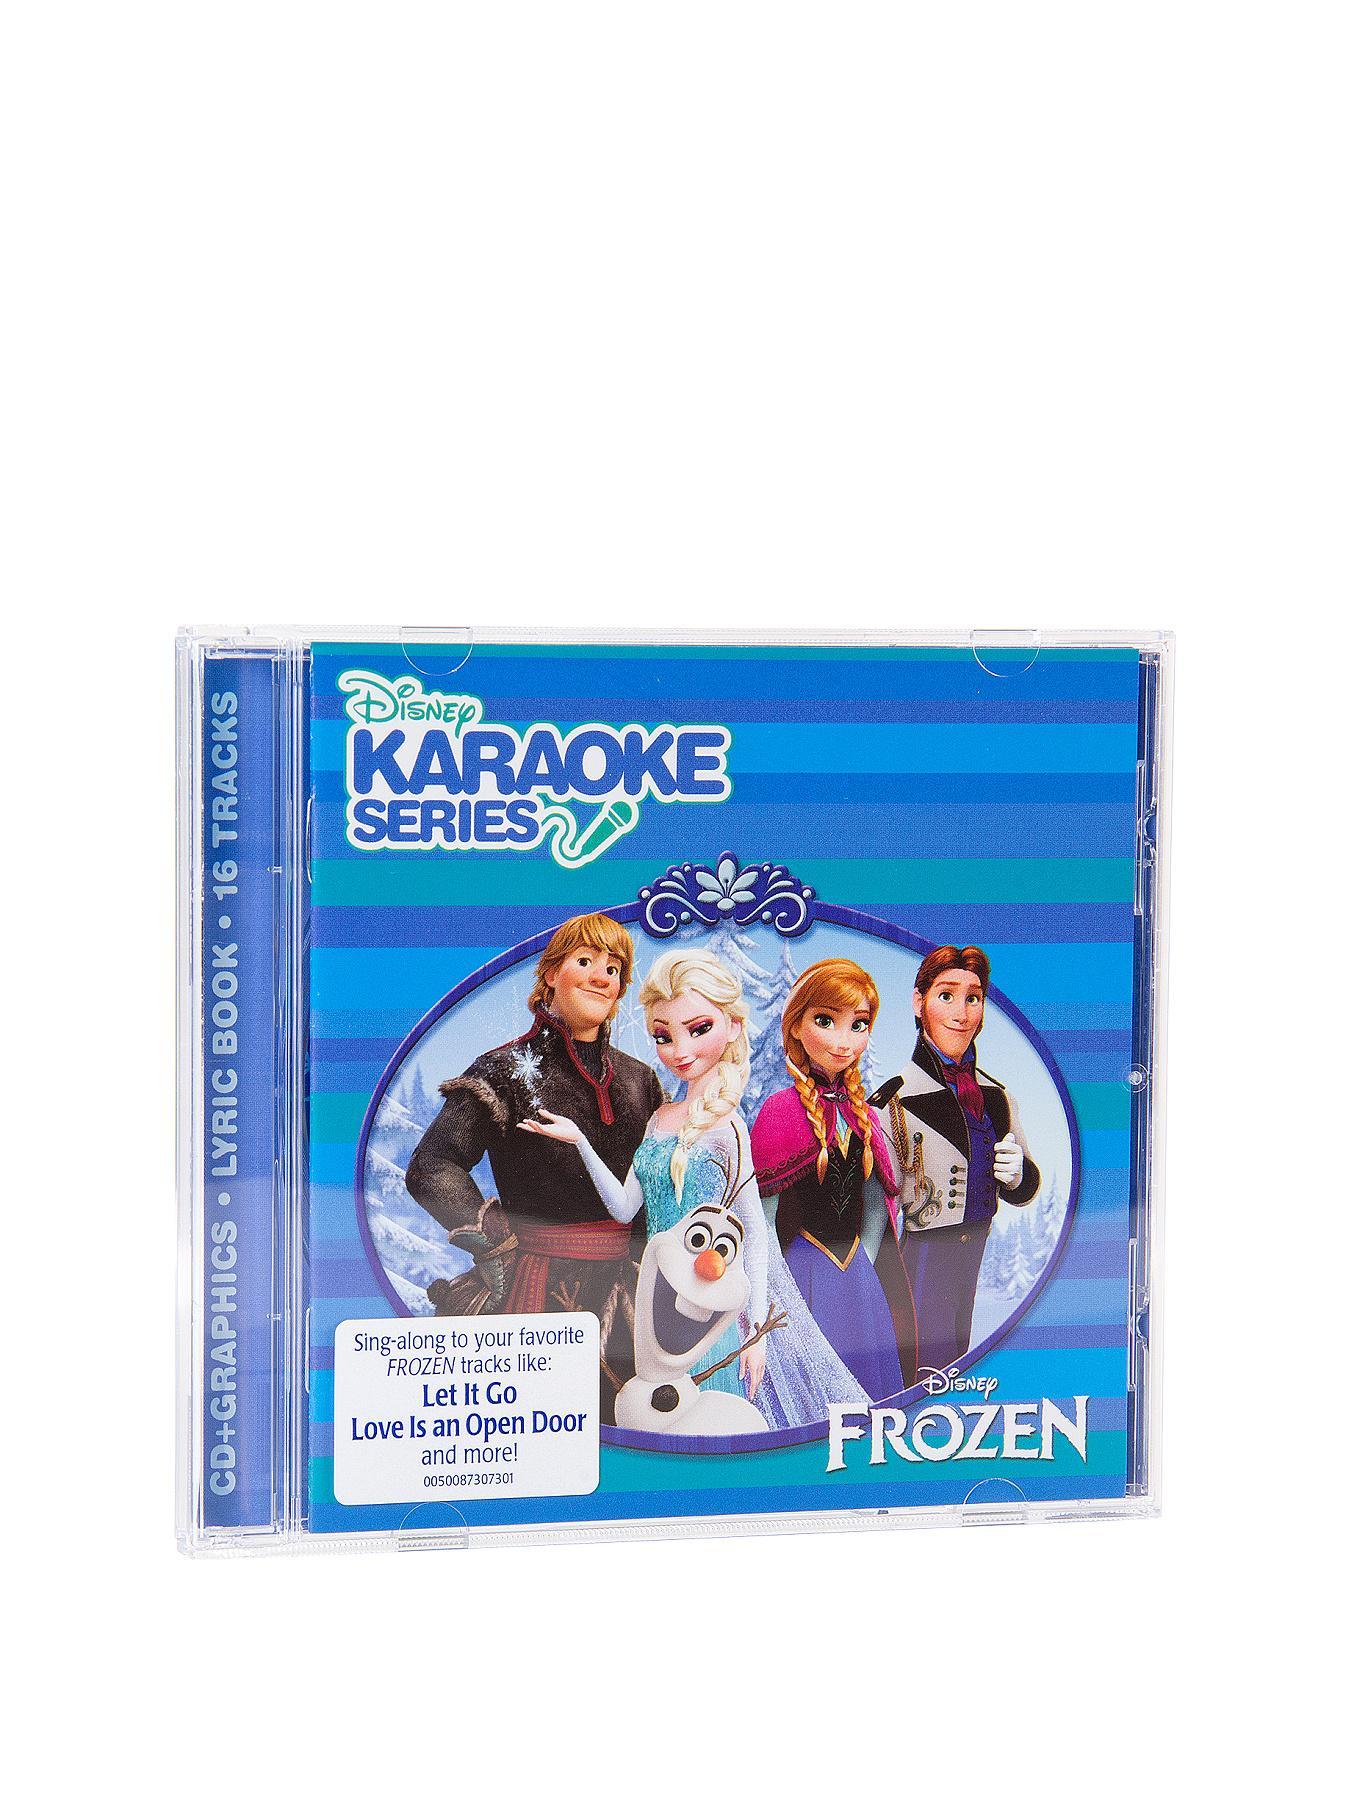 Disney Frozen Karaoke CDG